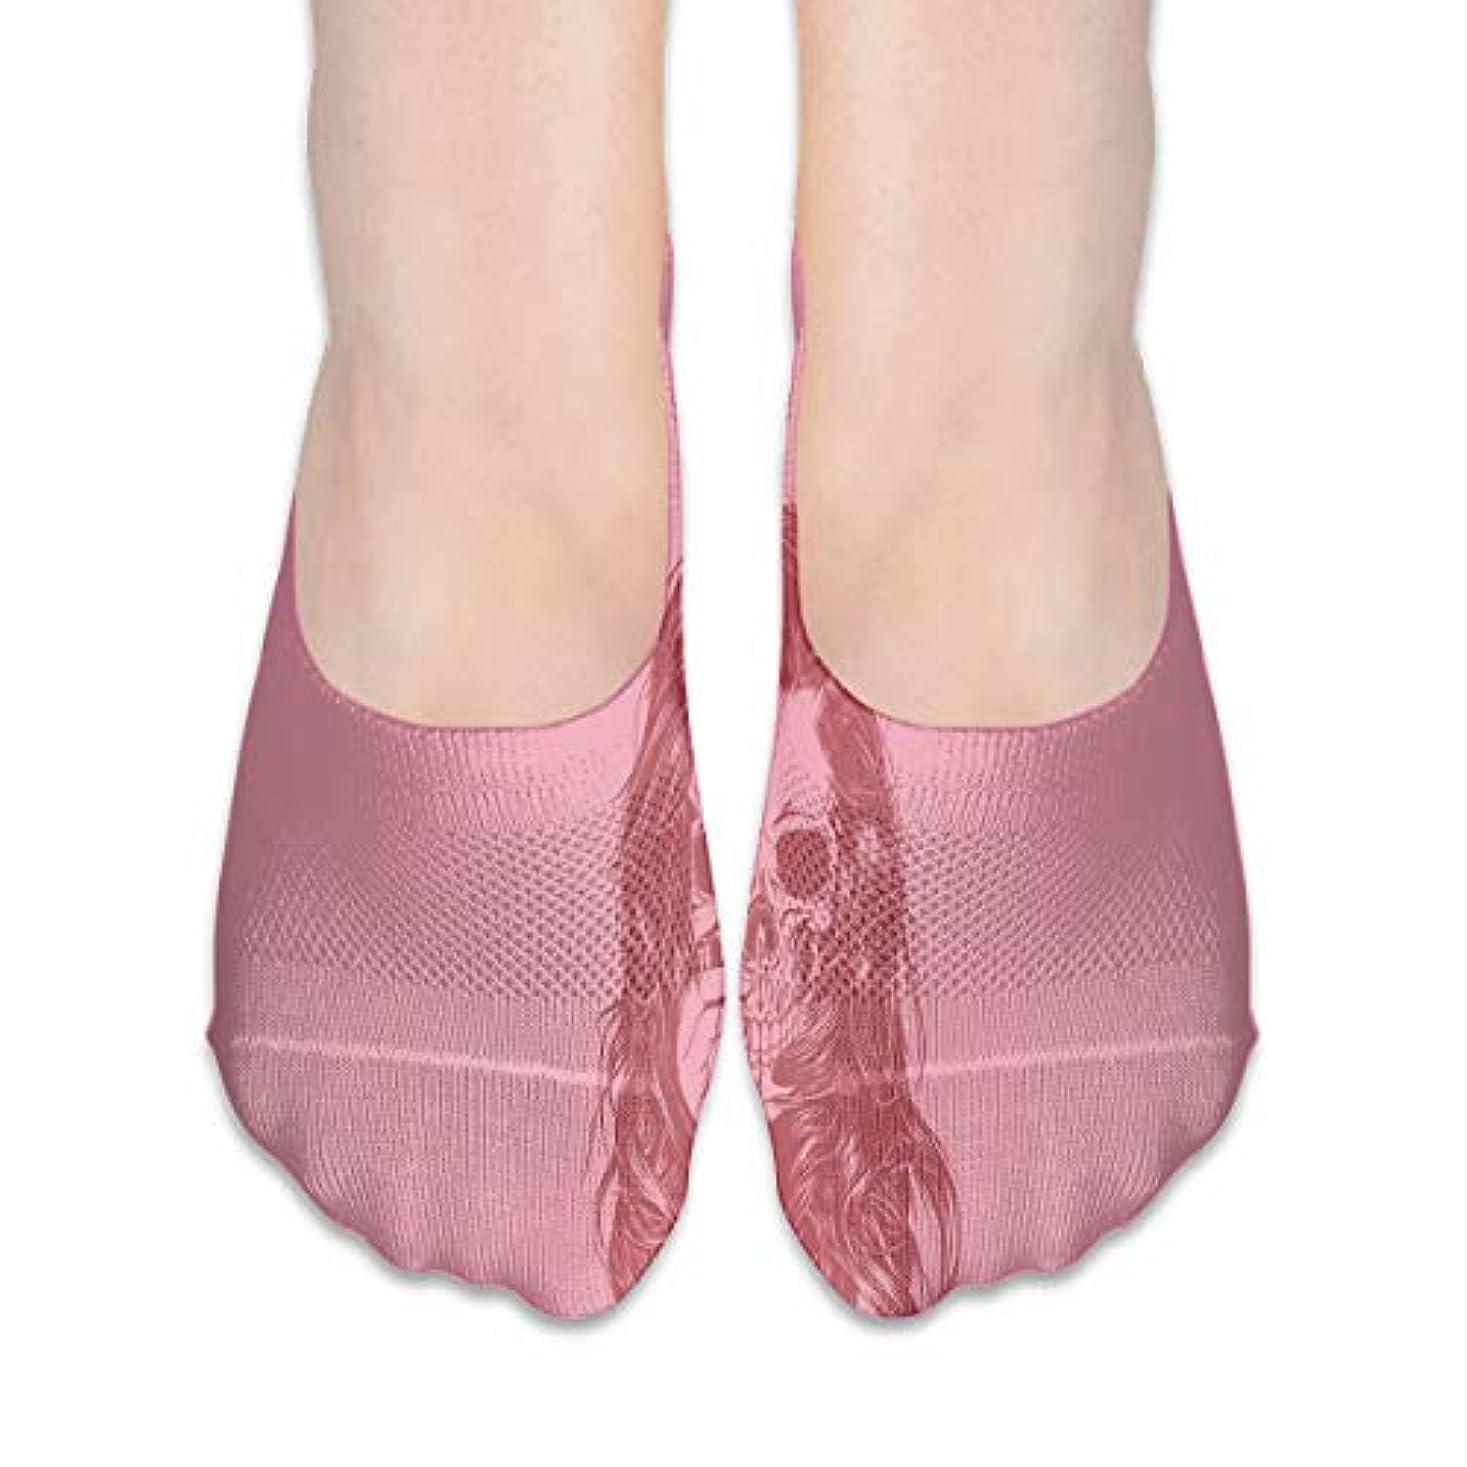 バリケードアベニュー安定しましたピンクの頭蓋骨の女の子ノーショーソックス女性ボート靴ローファーソックス、滑り止めグリップ